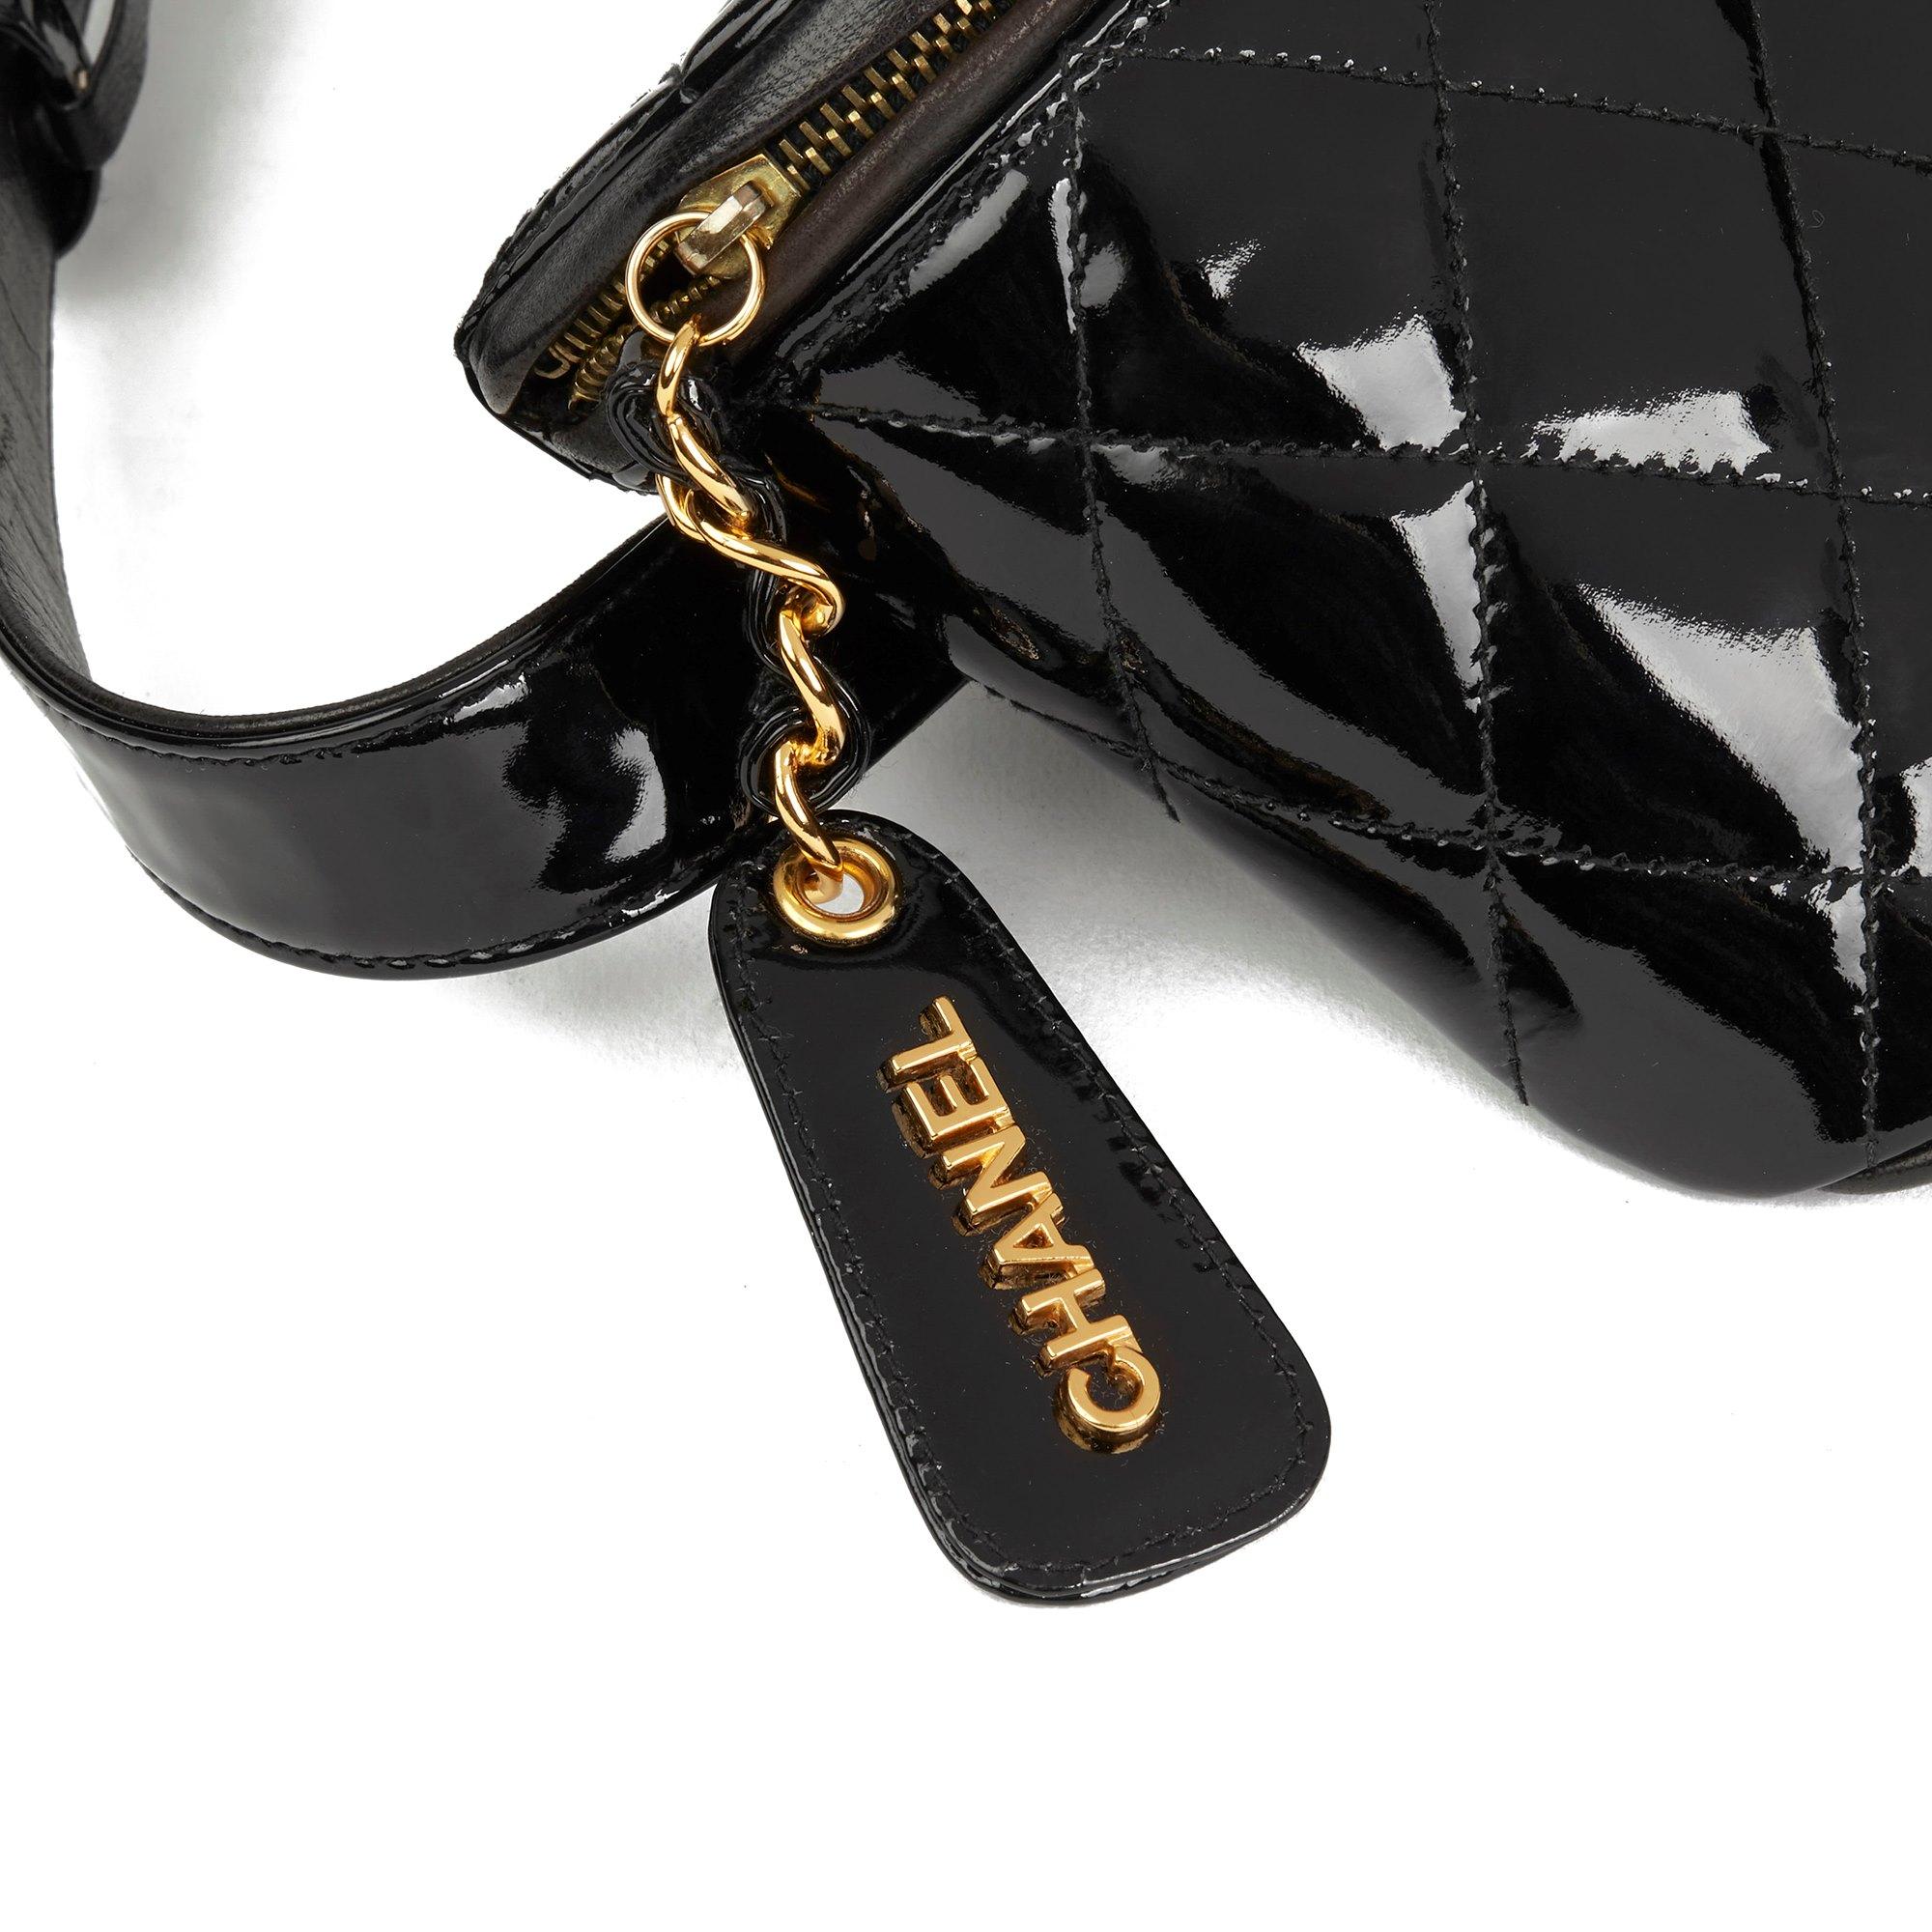 Chanel Black Quilted Patent Leather Vintage Timeless Belt Bag